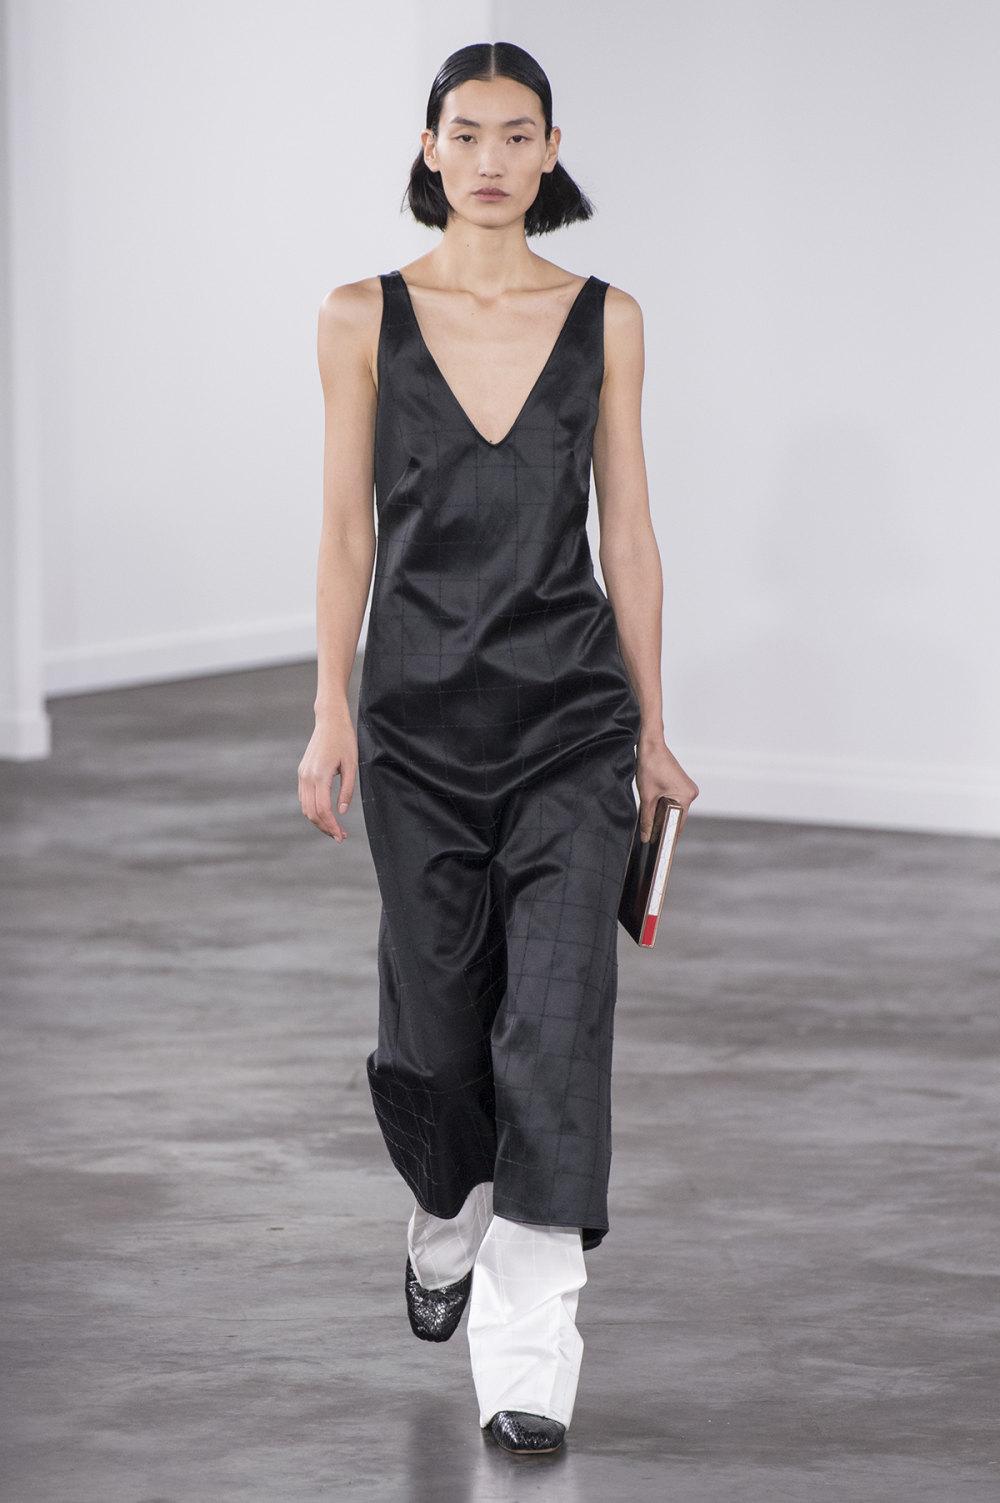 Gabriela Hearst时装系列细条纹西装和宽大毛衣之间形成鲜明对比-33.jpg